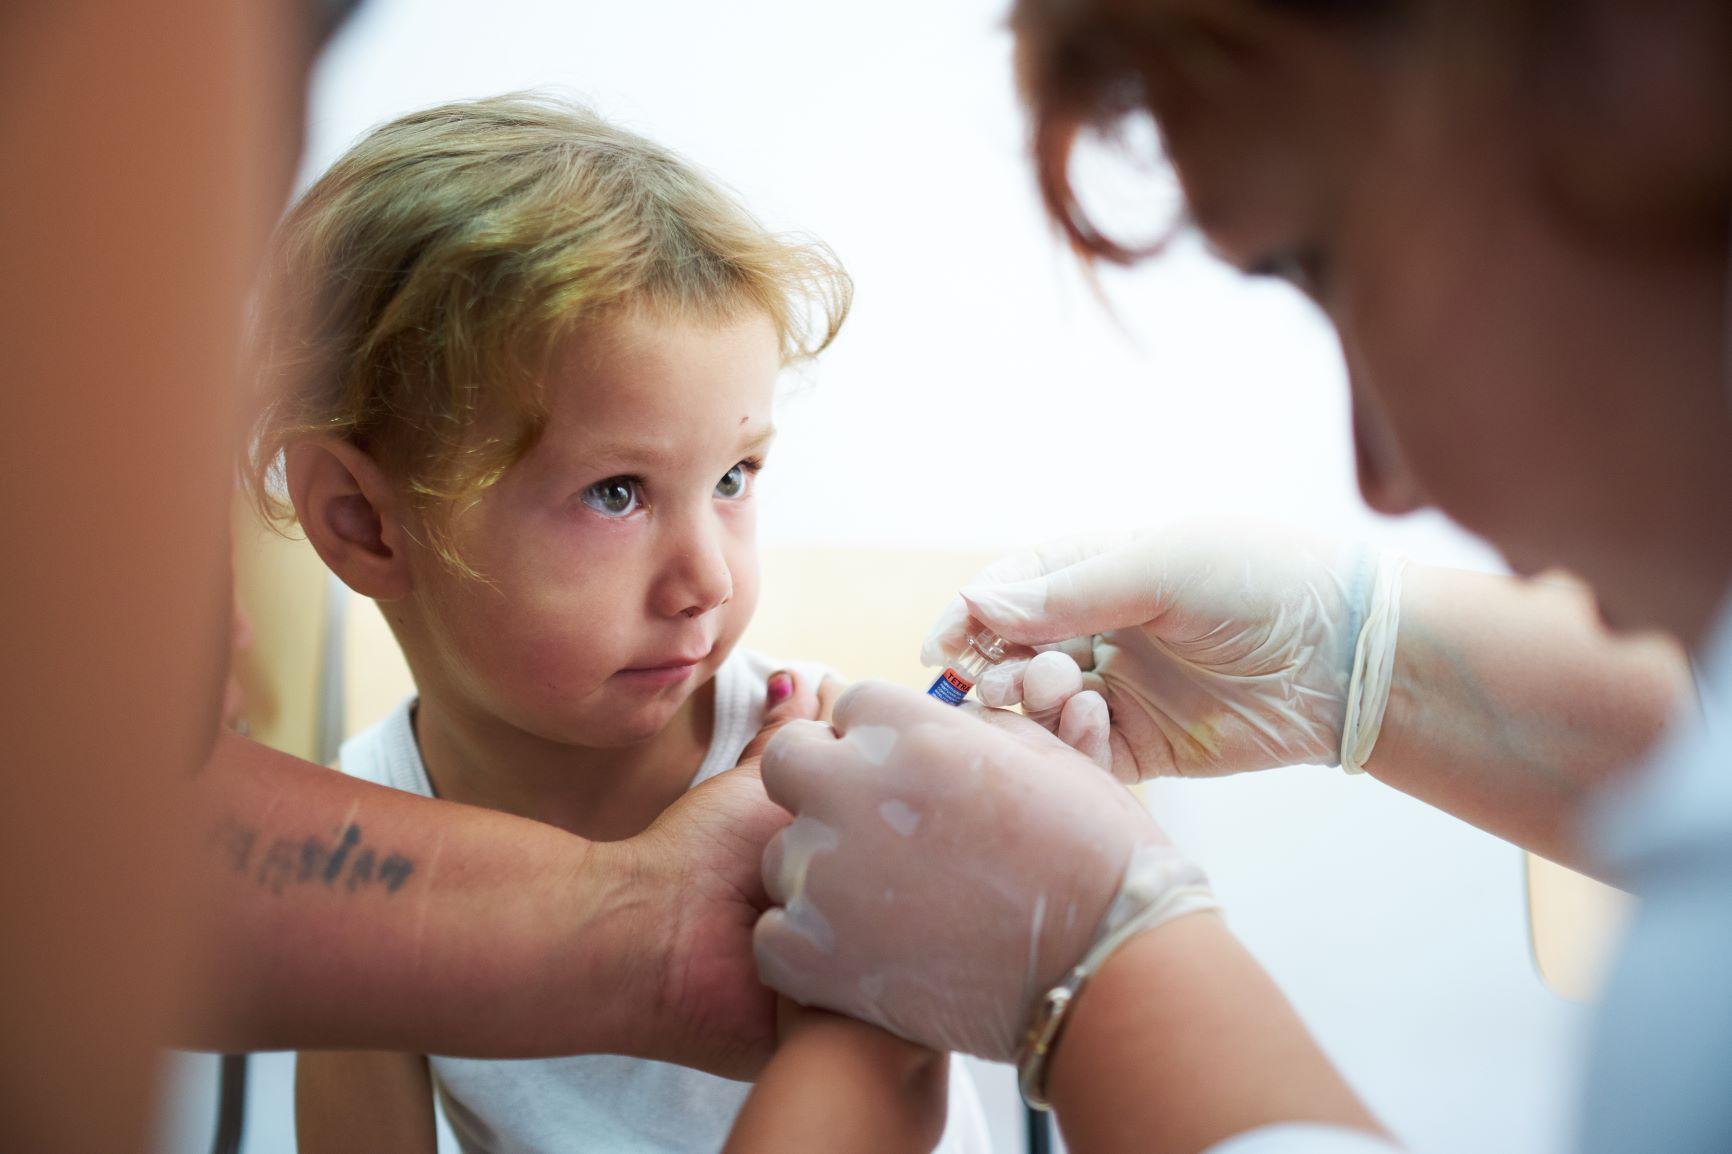 Peste 13 milioane de copii nu au fost vaccinați deloc nici înainte ca pandemia de COVID-19 să întrerupă acțiunile de imunizare la nivel global